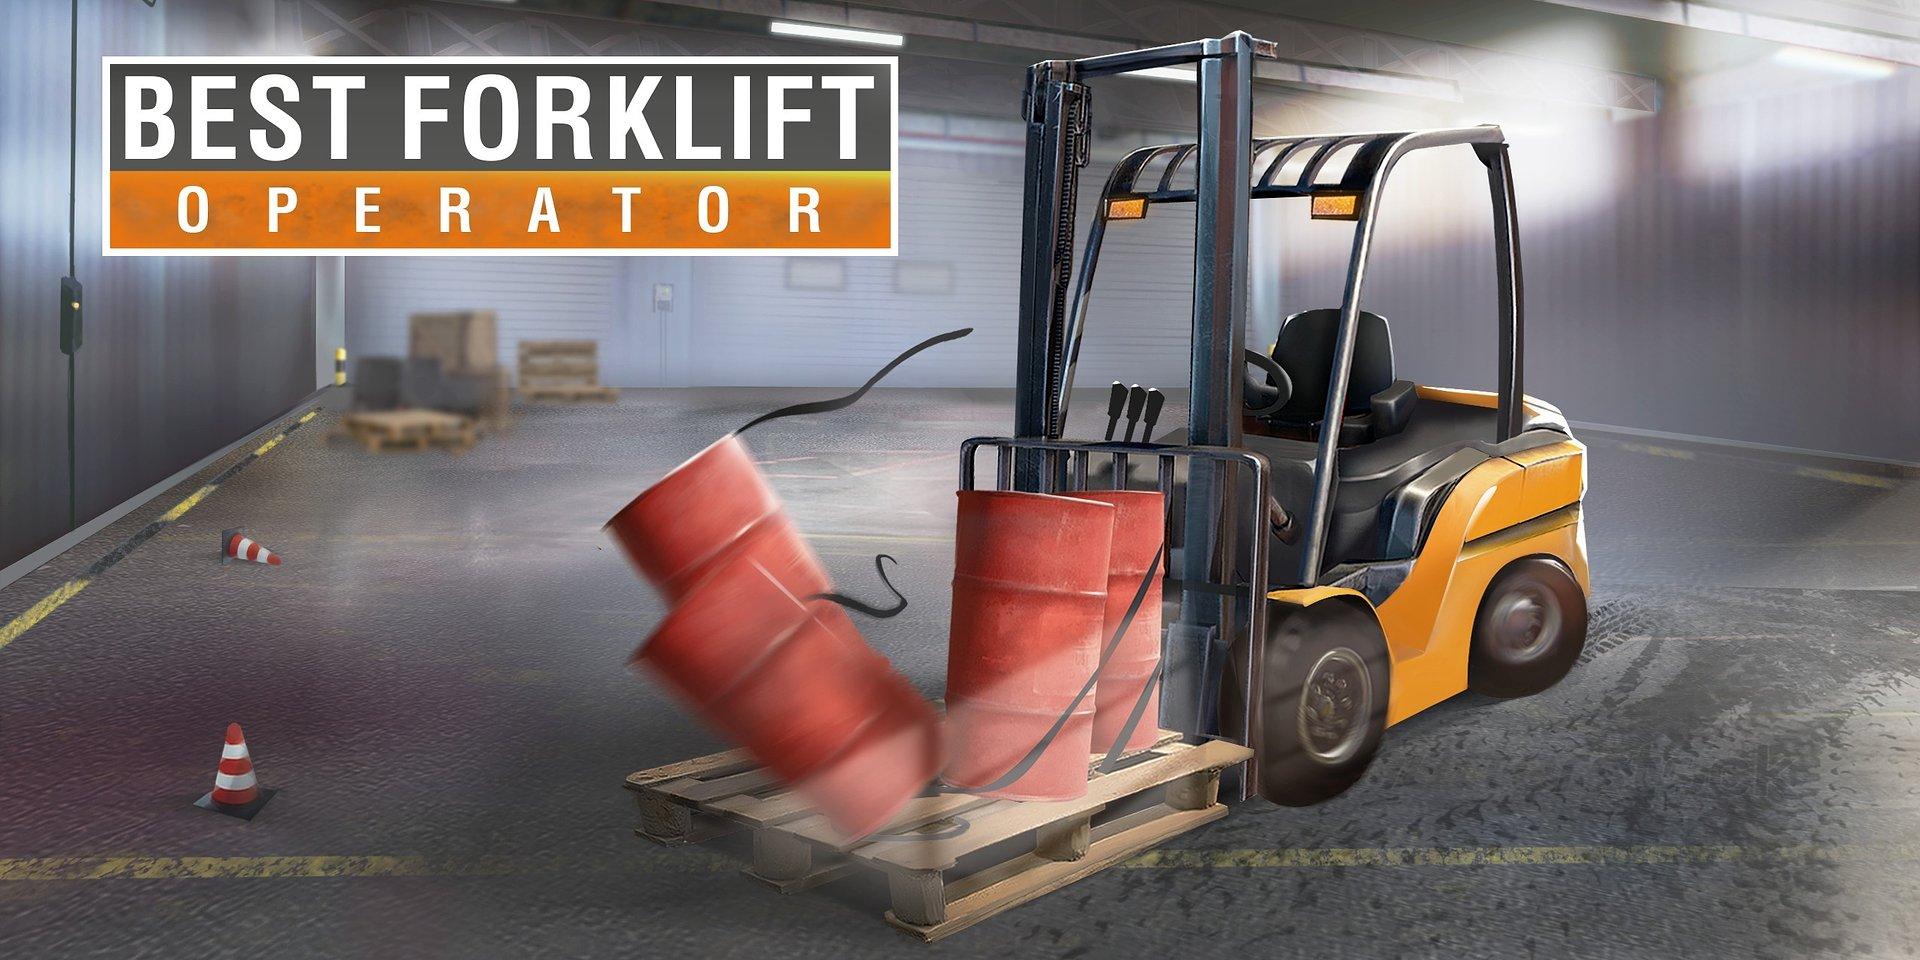 Zostań mistrzem wózków widłowych – Best Forklift Operator szykuje się do pracy!